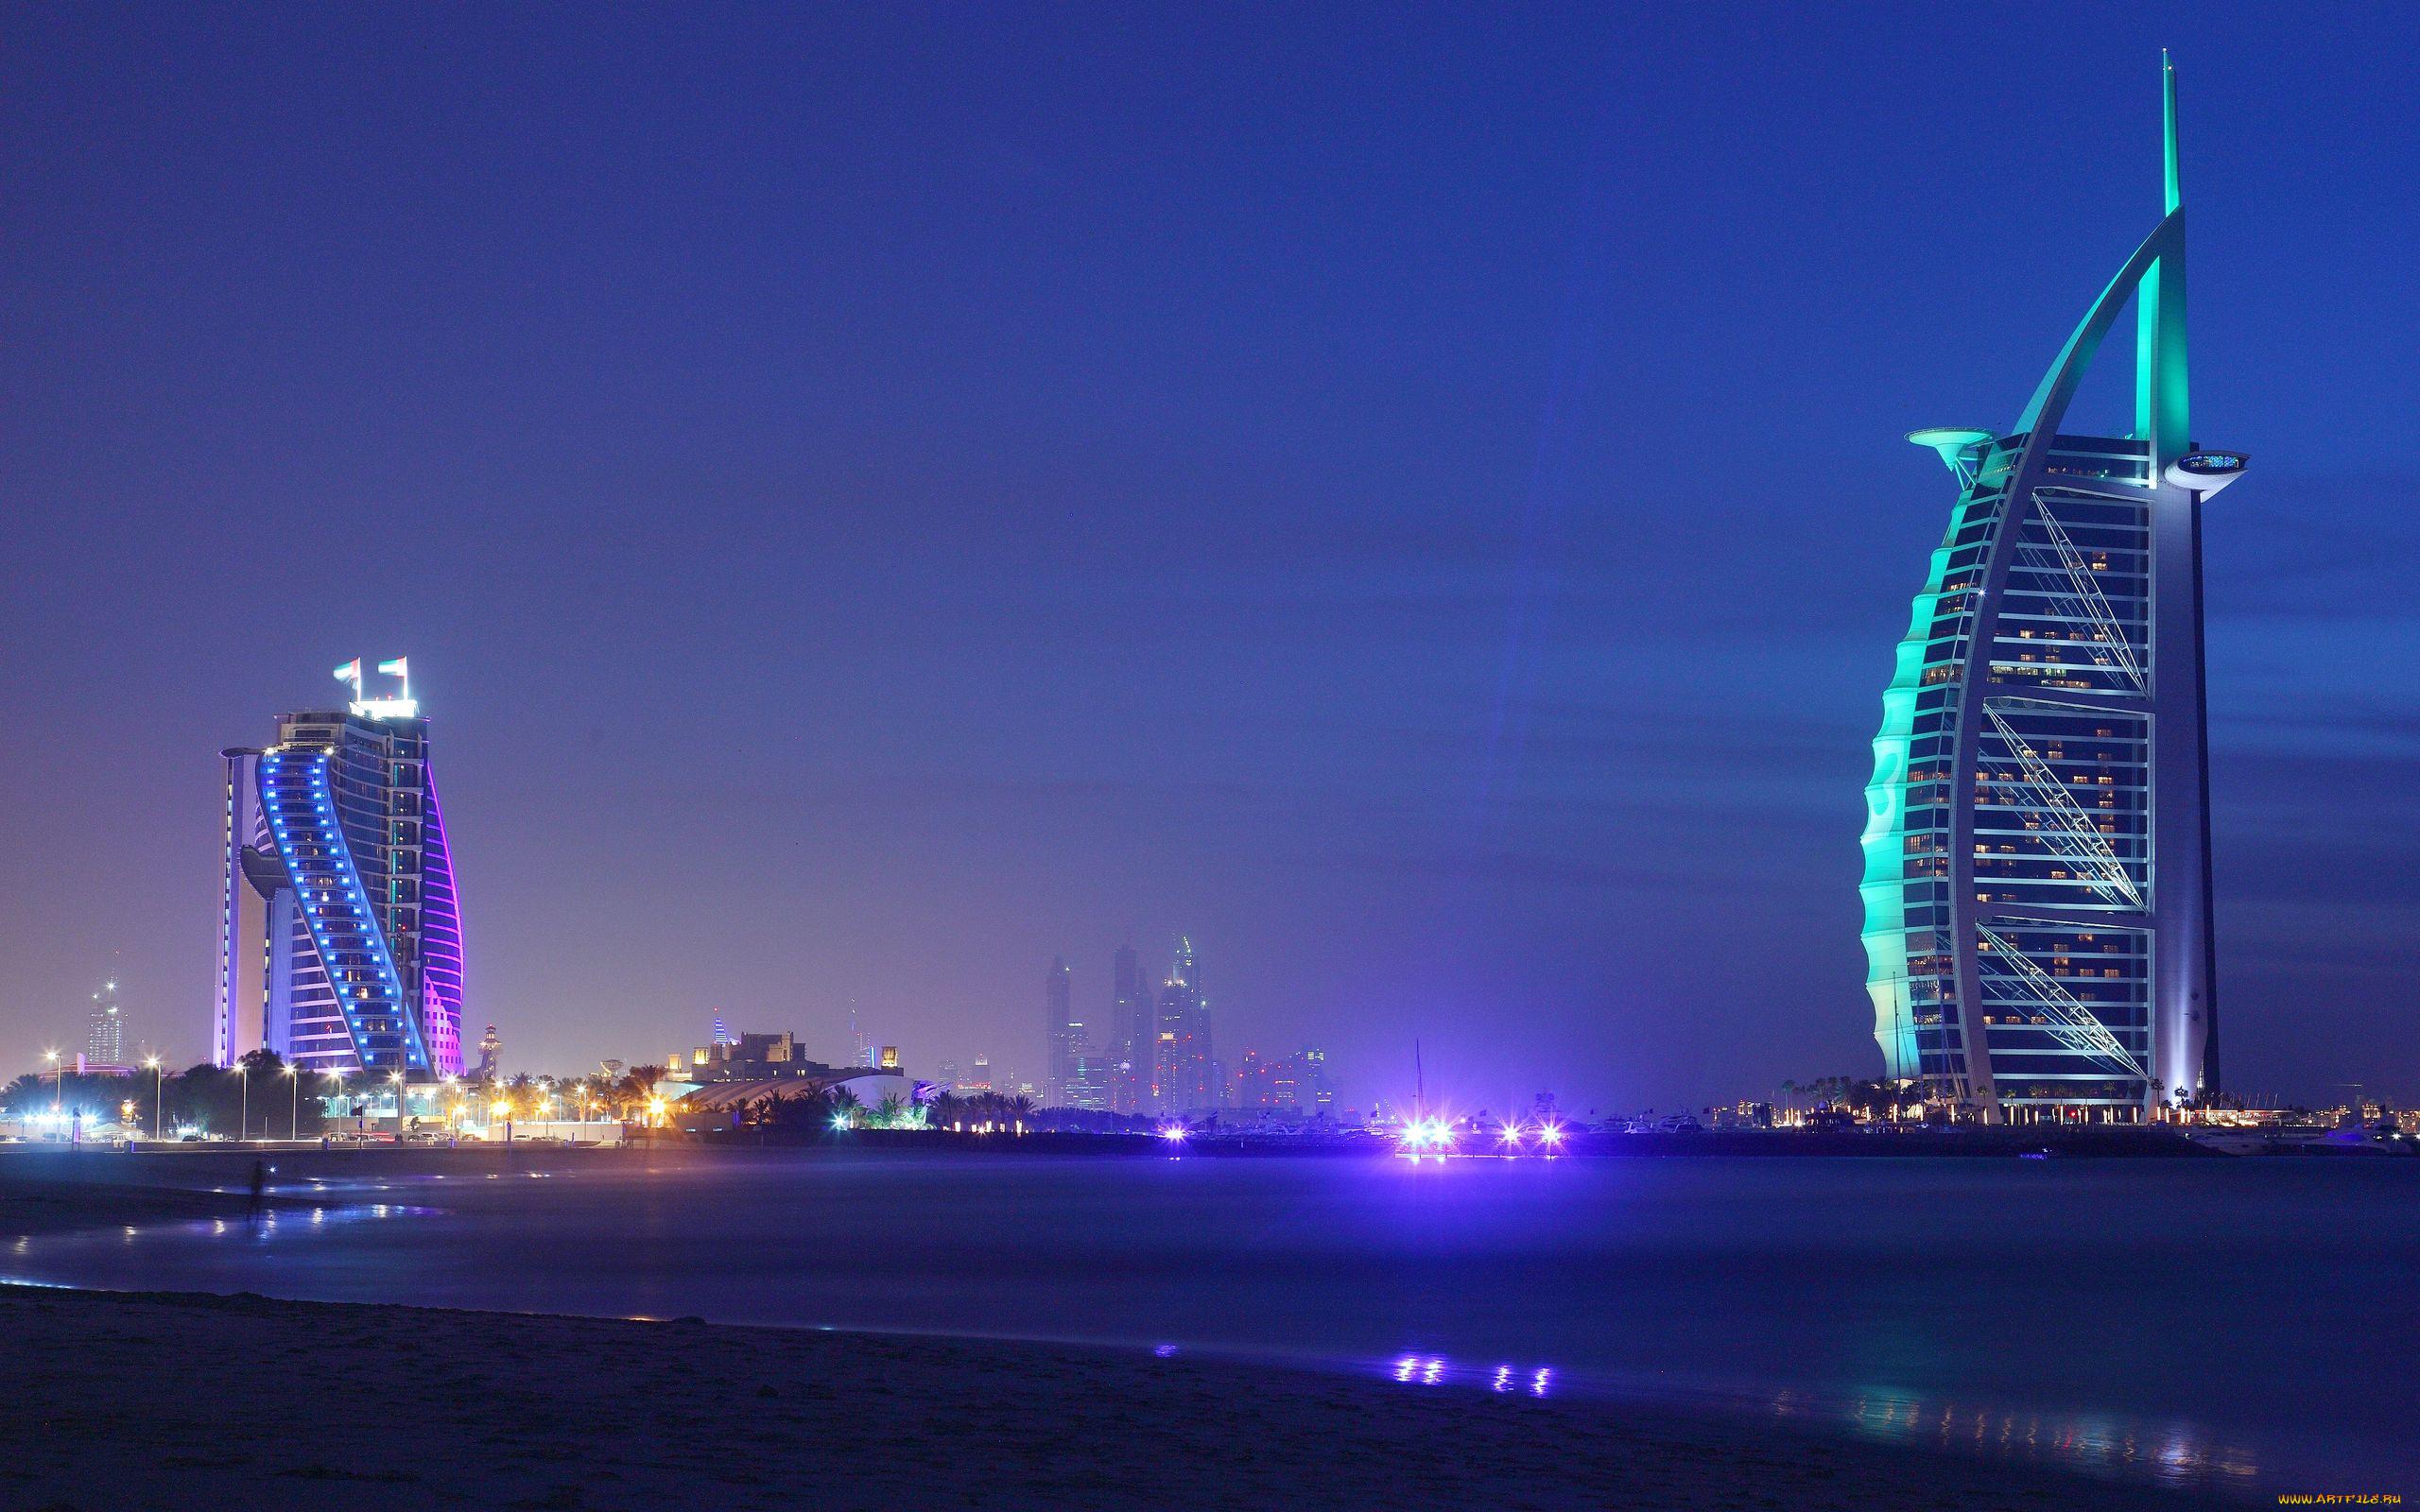 страны архитектура море Объединенные Арабские Эмираты без смс